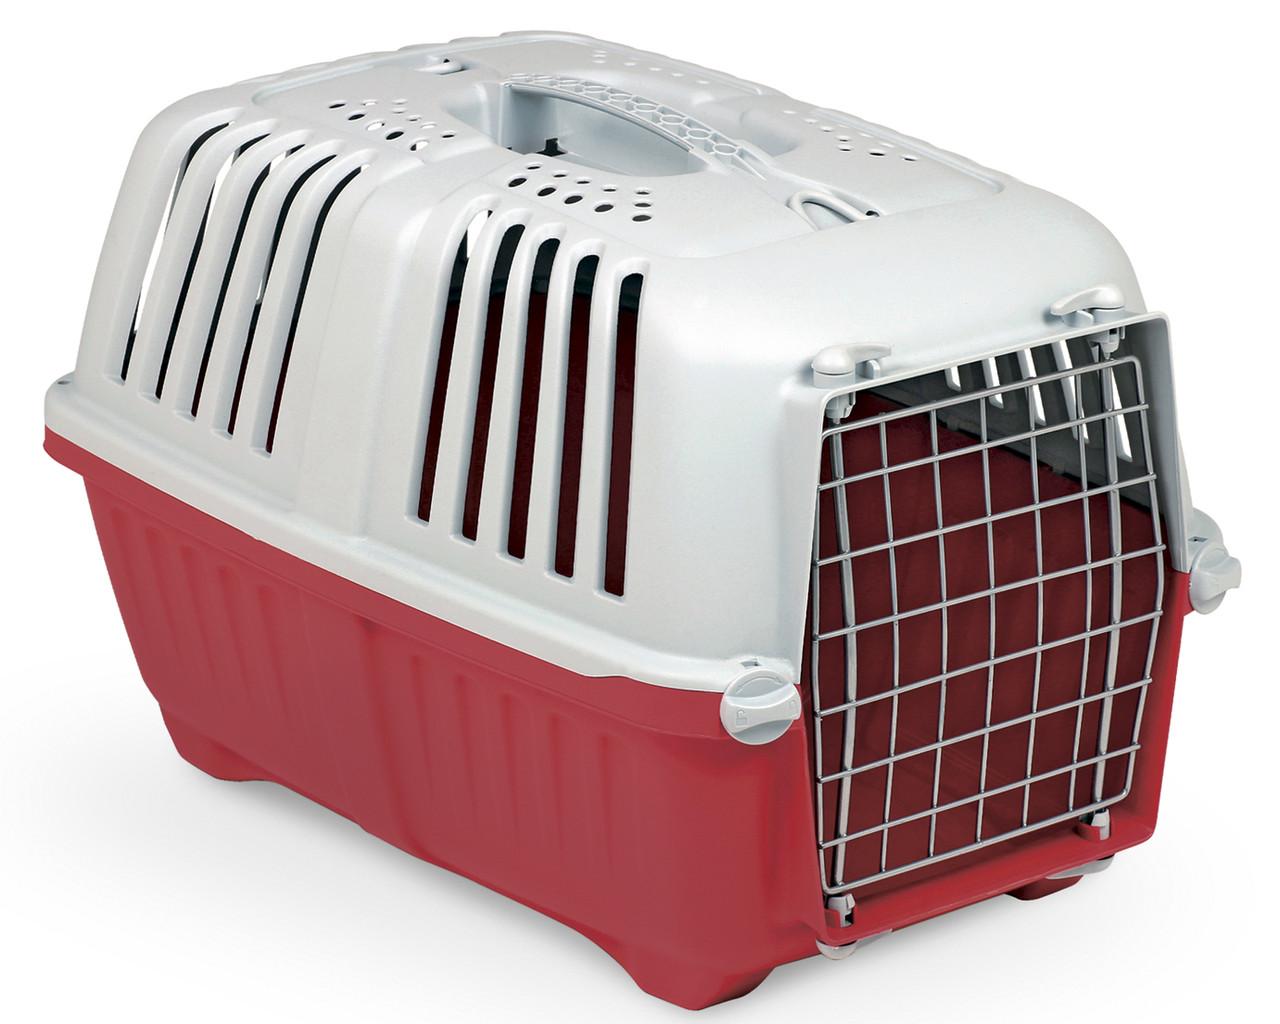 Переноска для животных 55*36*36 см MPS PRATIKO 2 RED. Дверь металлическая